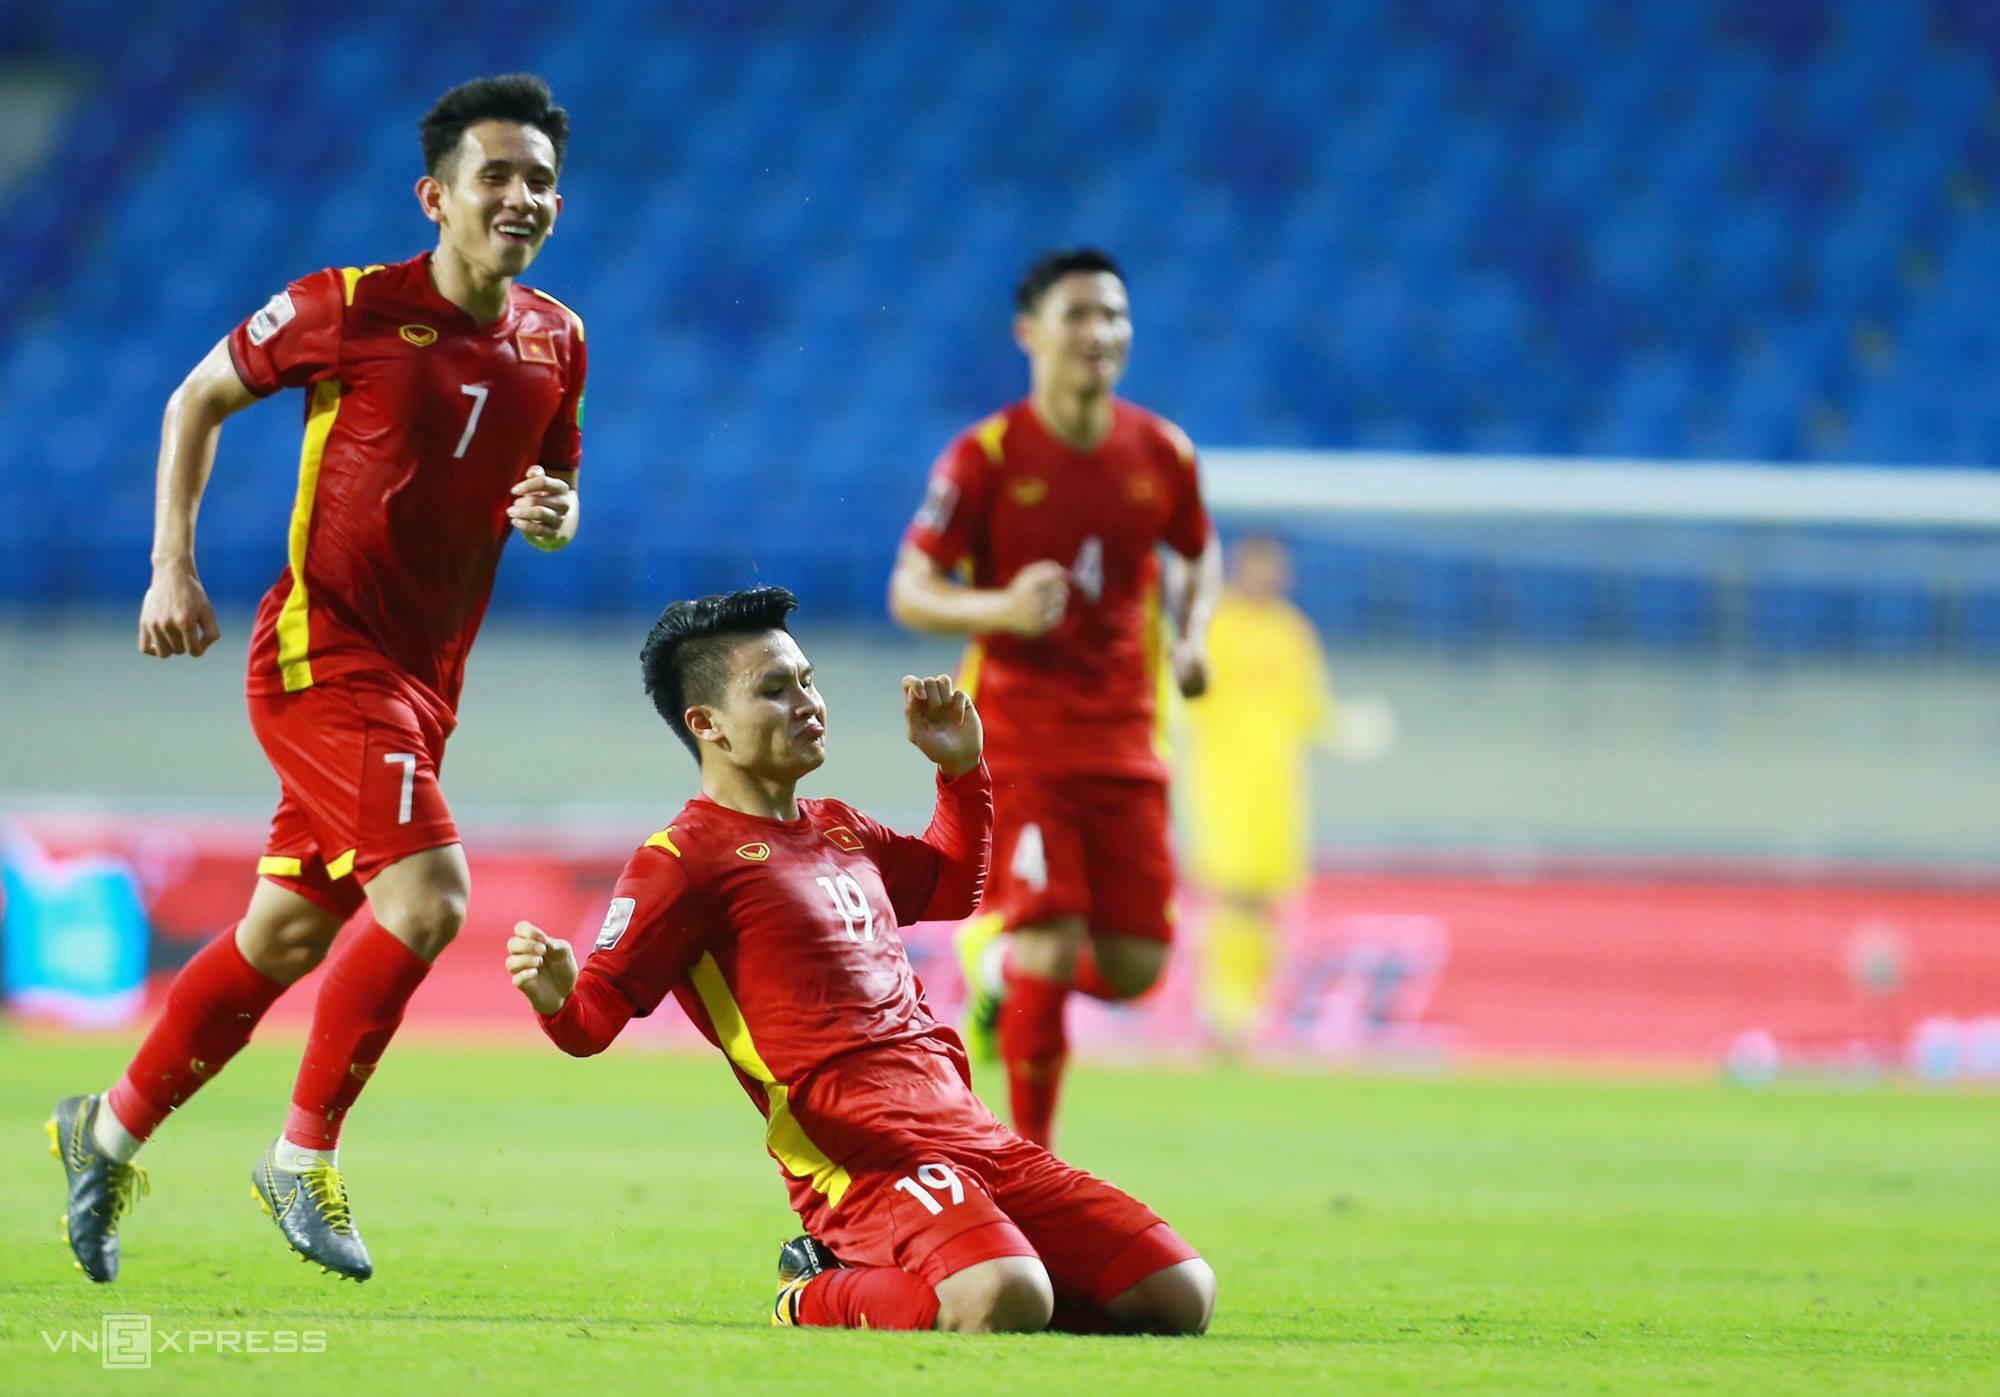 Quang Hải chia vui sau khi ghi bàn nâng tỷ số lên 2-0 cho Việt Nam trước Indonesia. Ảnh: Lâm Thỏa.